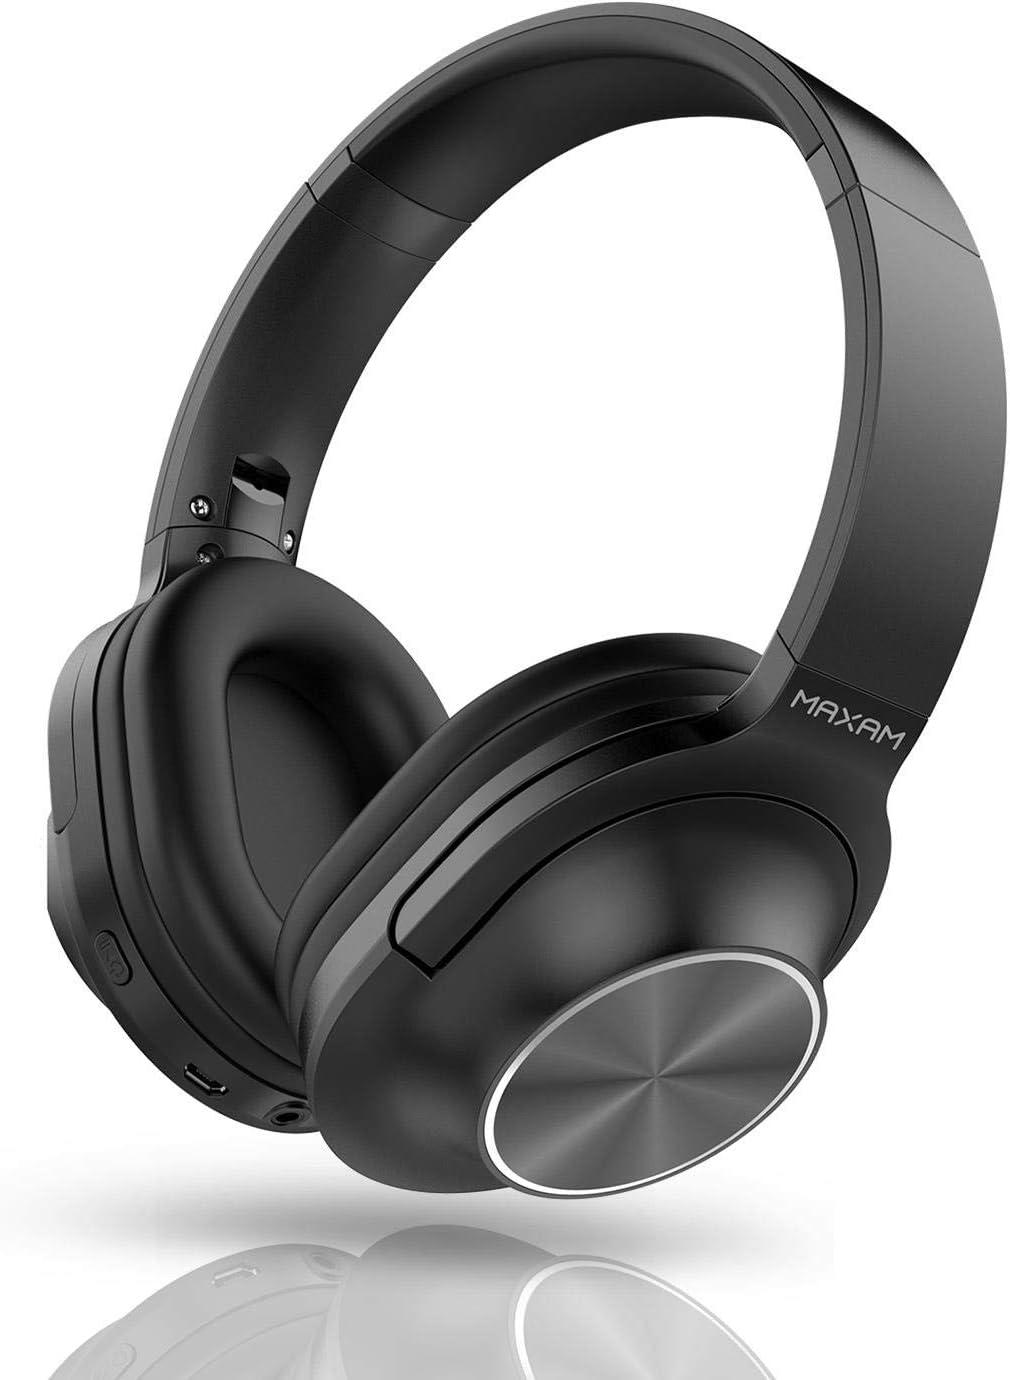 Maxam Auriculares de Diadema Bluetooth 5,0 Cascos Inalámbricos, Plegables, Cancelación de Ruido, Micrófono Incorporado. Color Negro